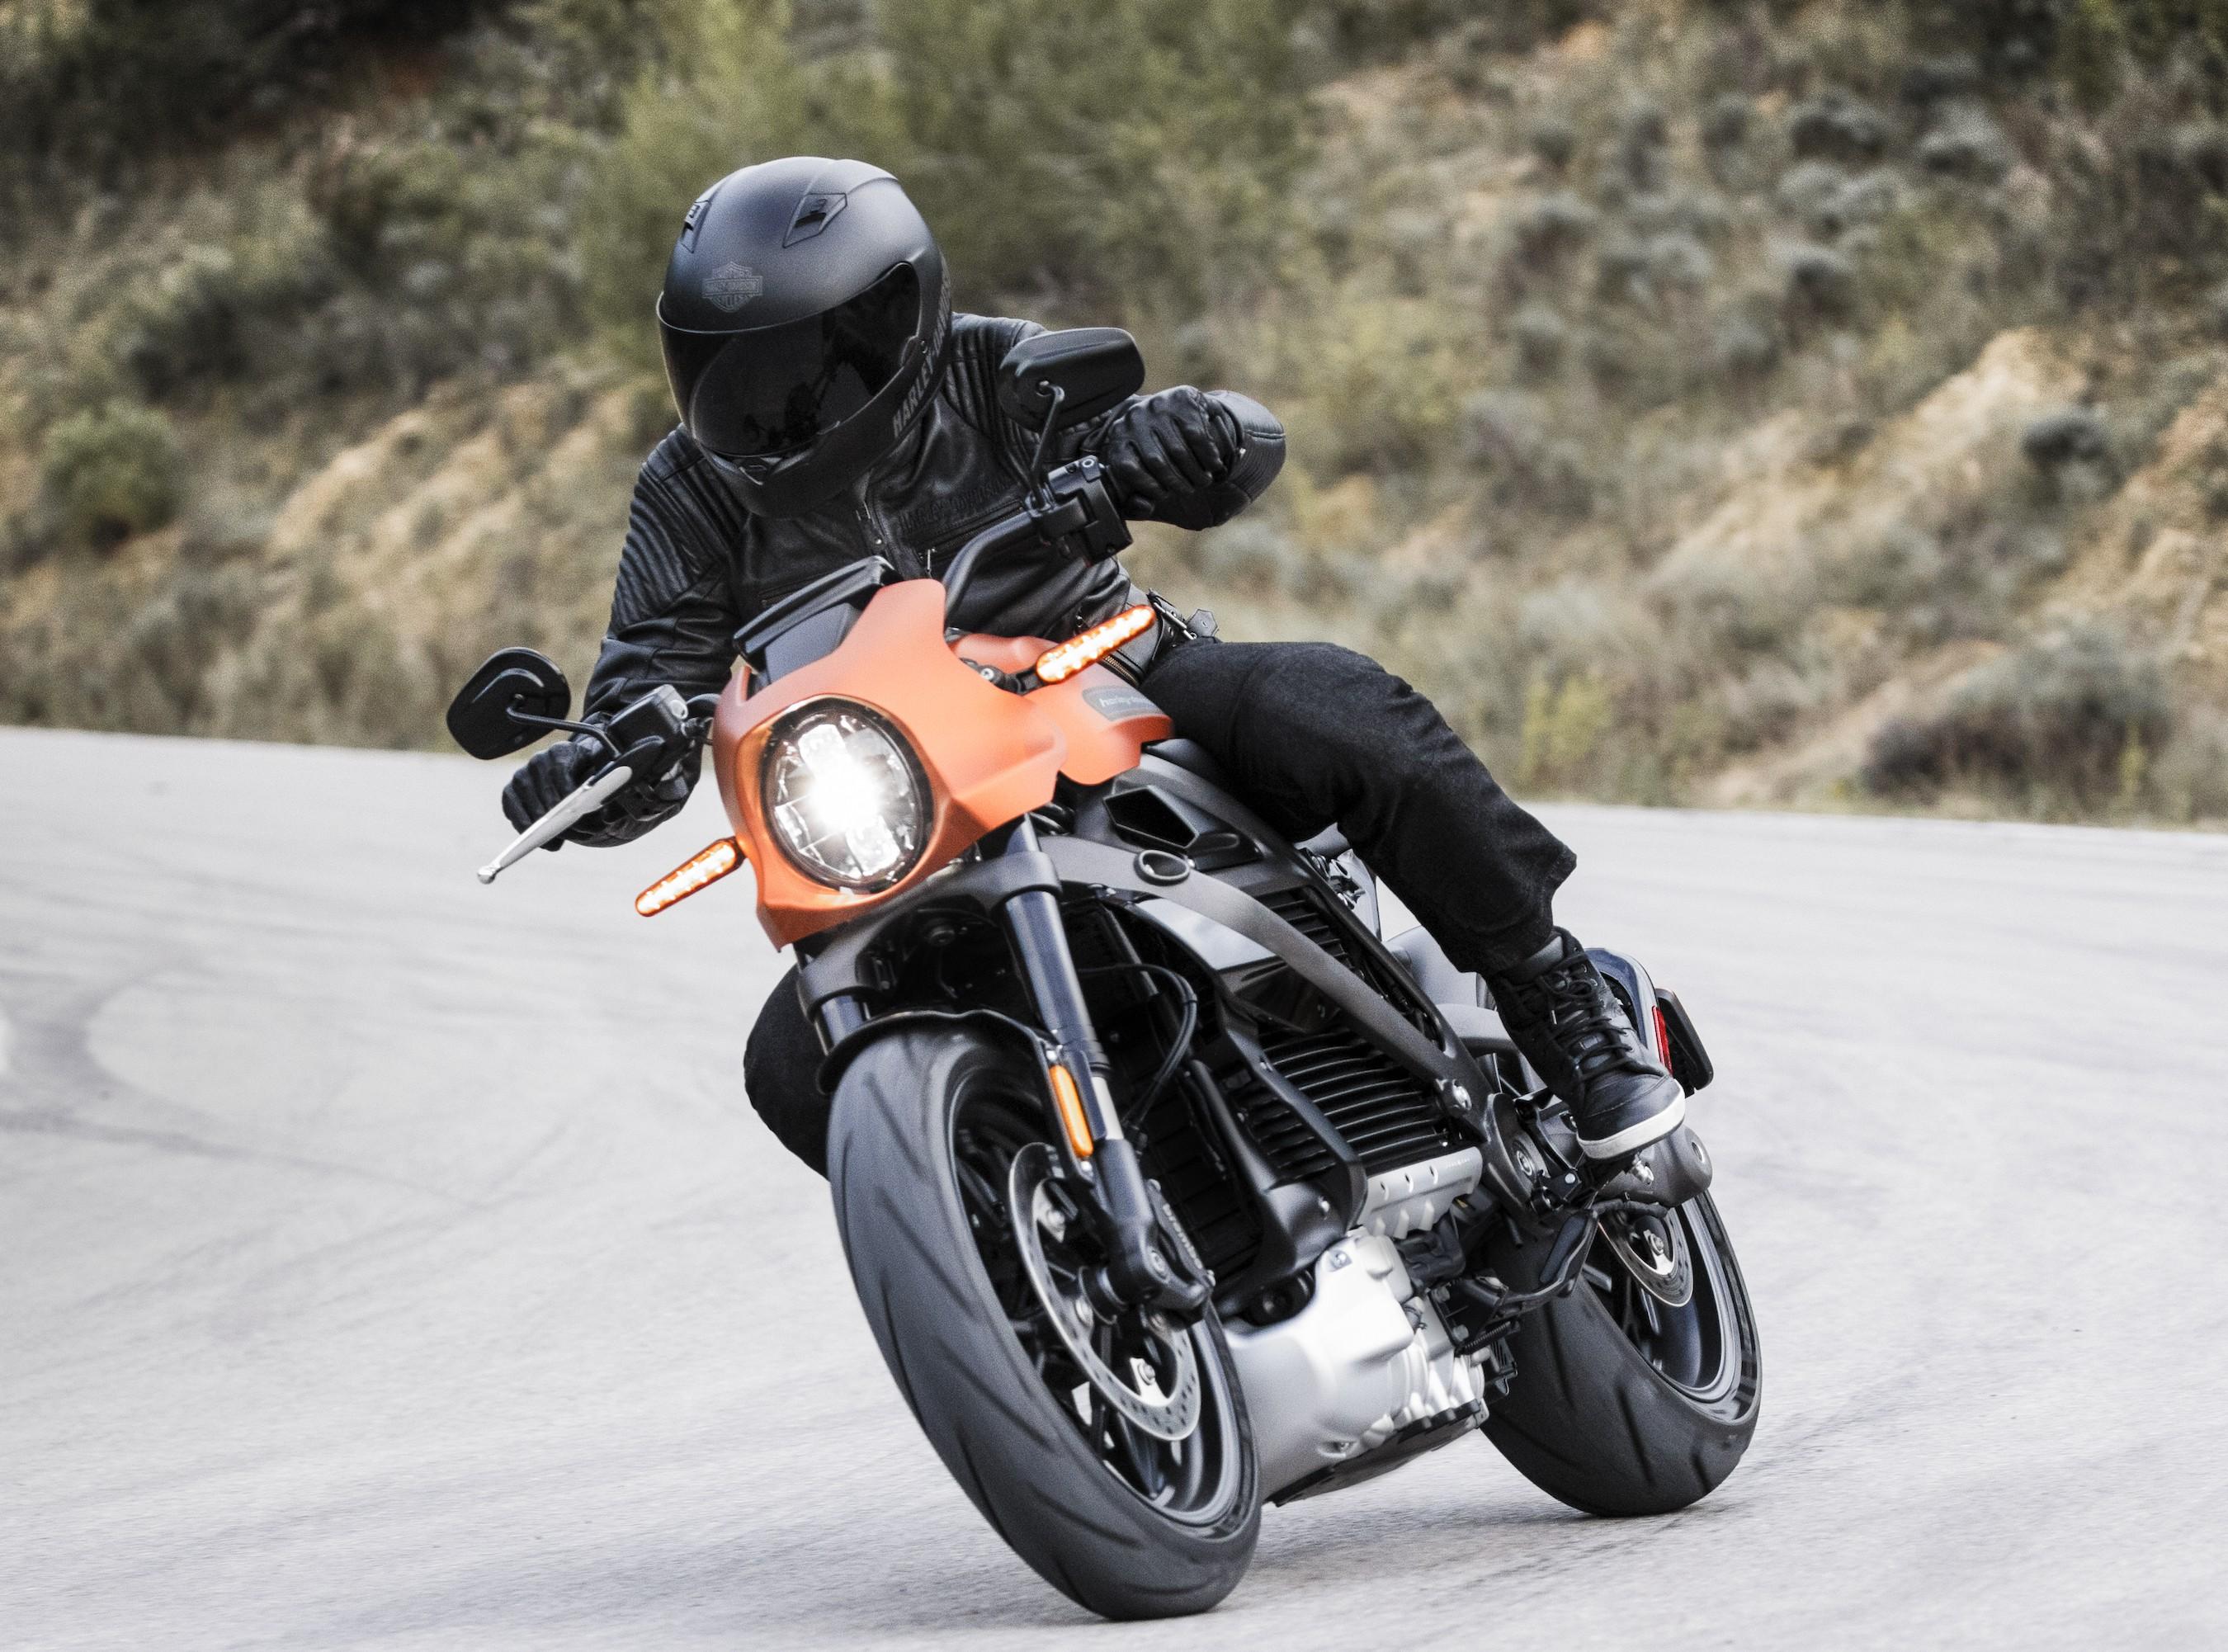 Harley-Davidson retoma produção de sua primeira moto elétrica - Notícias - Plantão Diário